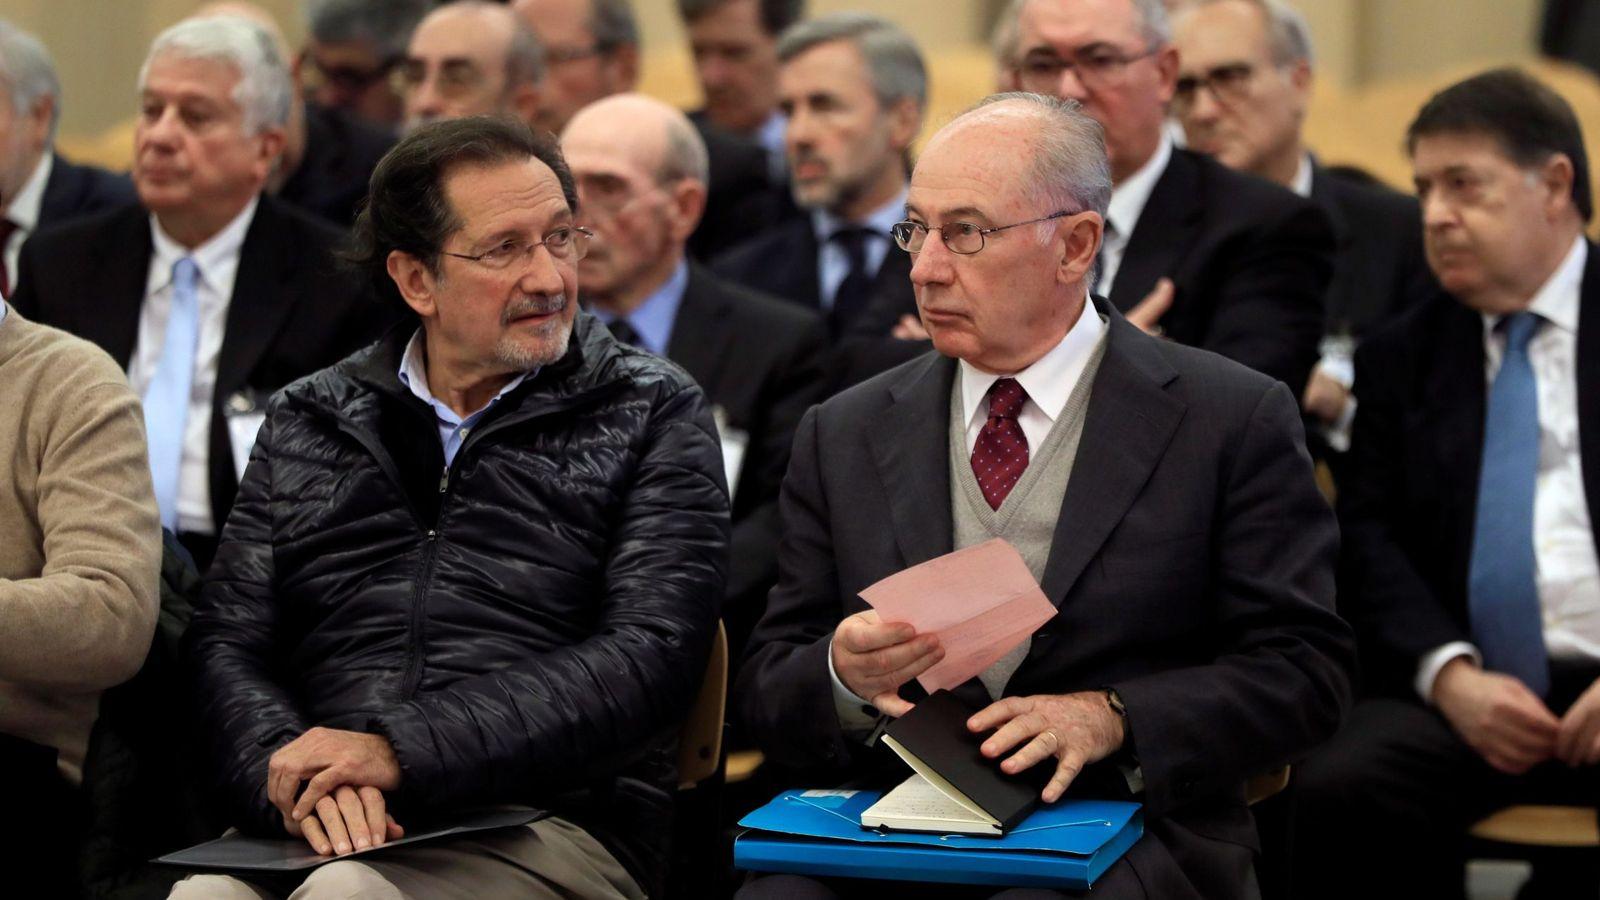 Foto: El expresidente de Bankia Rodrigo Rato (d) junto al exconsejero de Caja Madrid José Antonio Moral Santín (i), durante la primera sesión del juicio por la salida a Bolsa de la entidad en 2011. (EFE)